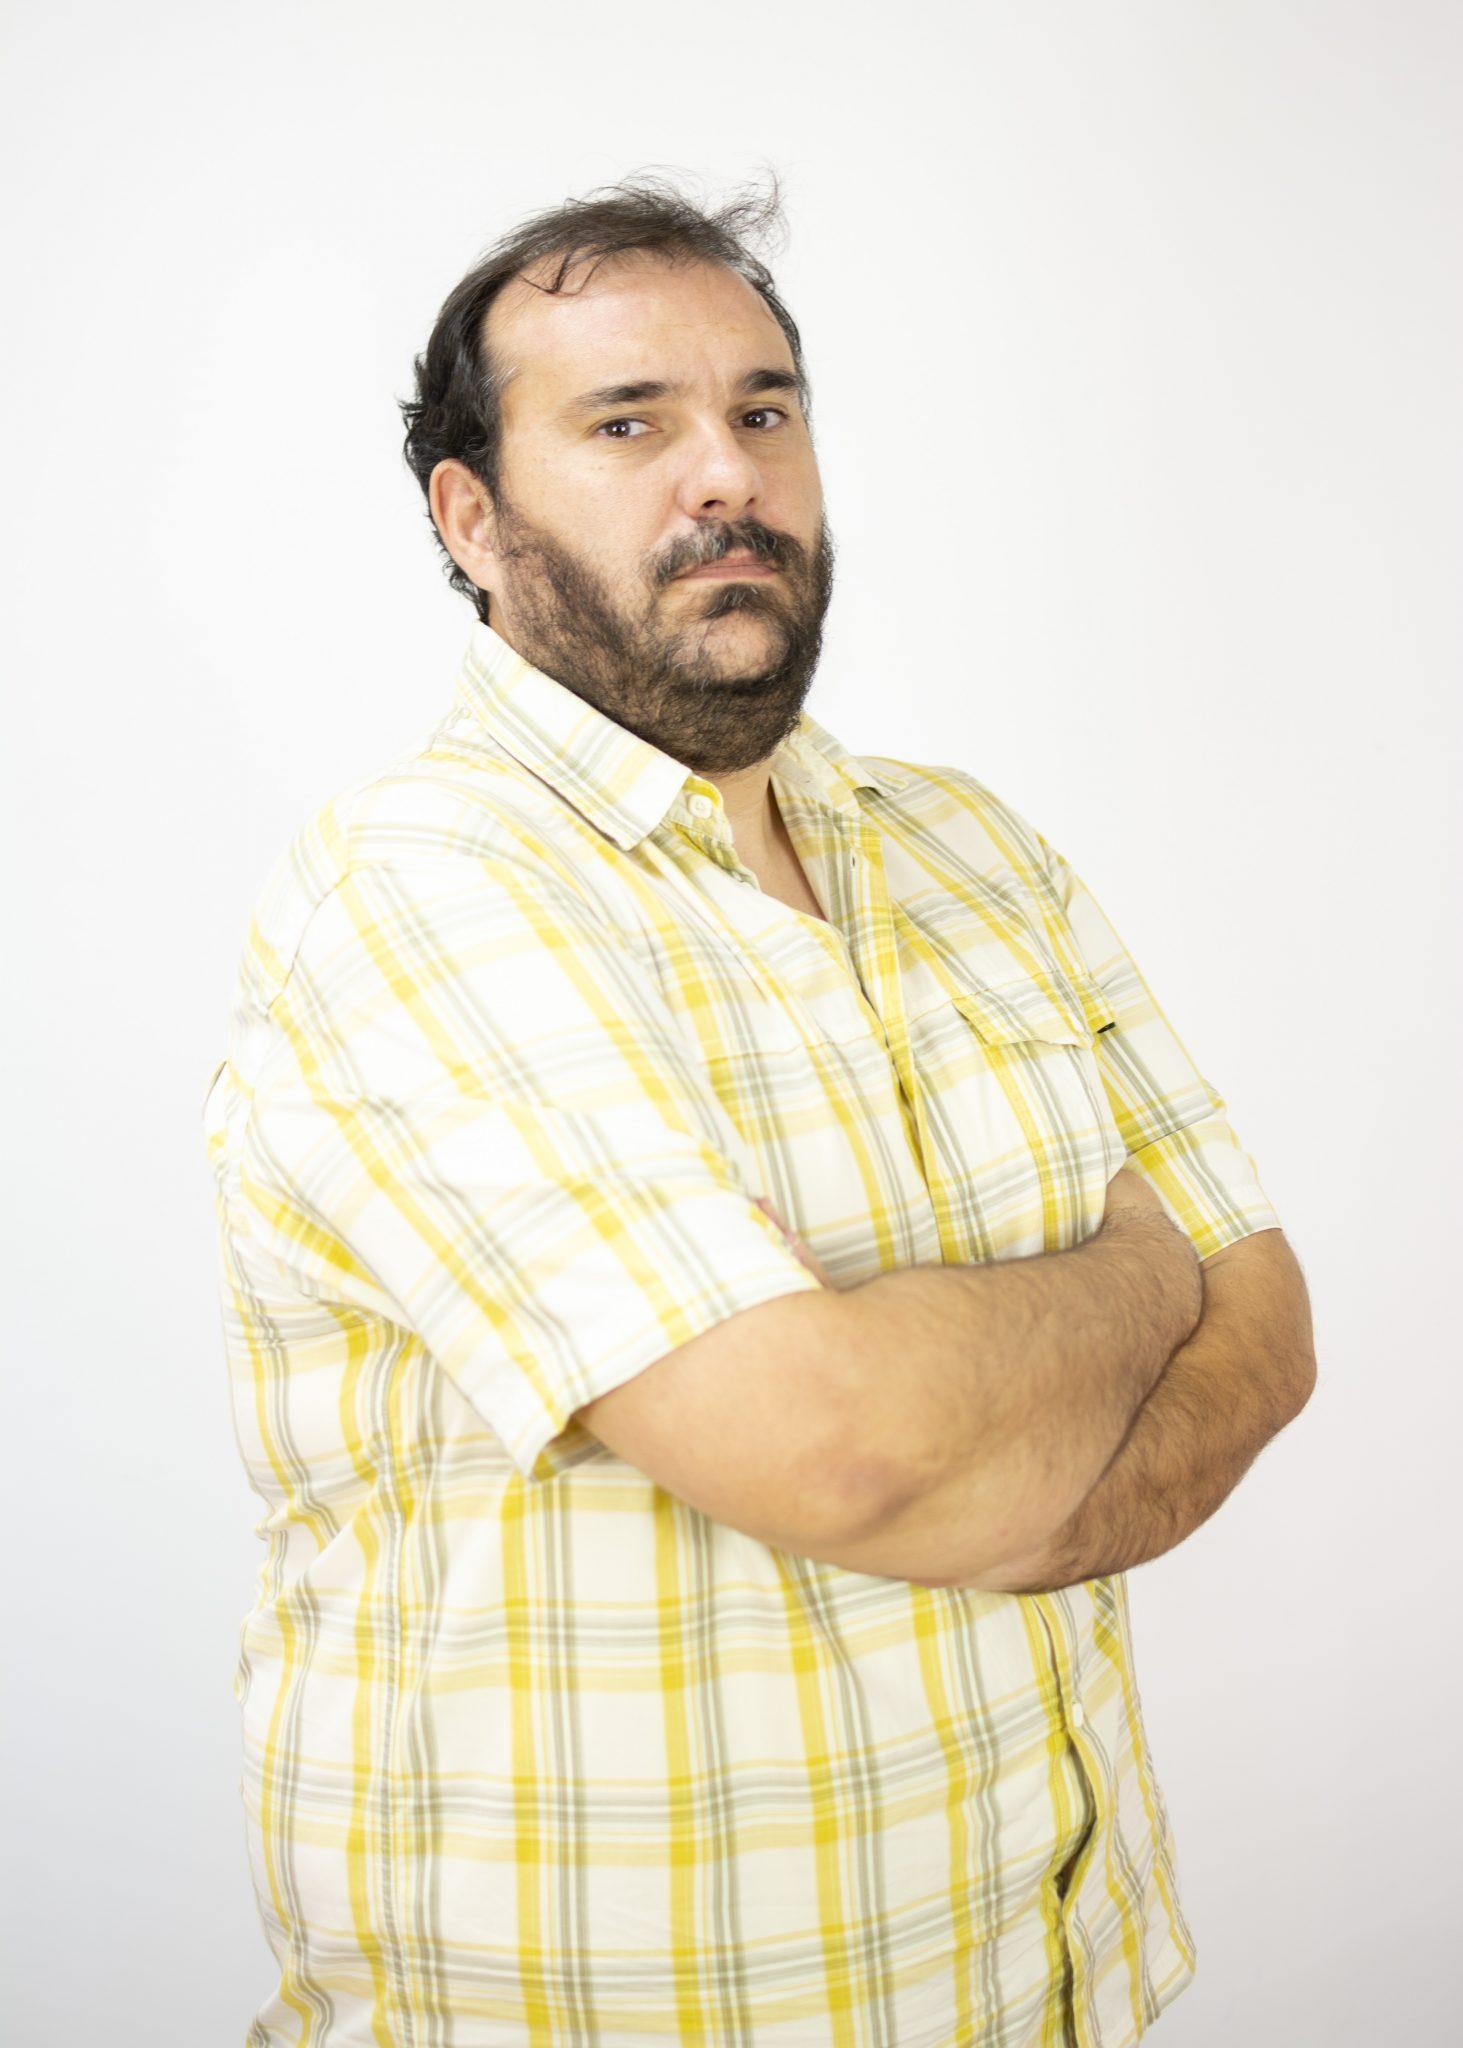 Álvaro Vaquerizo